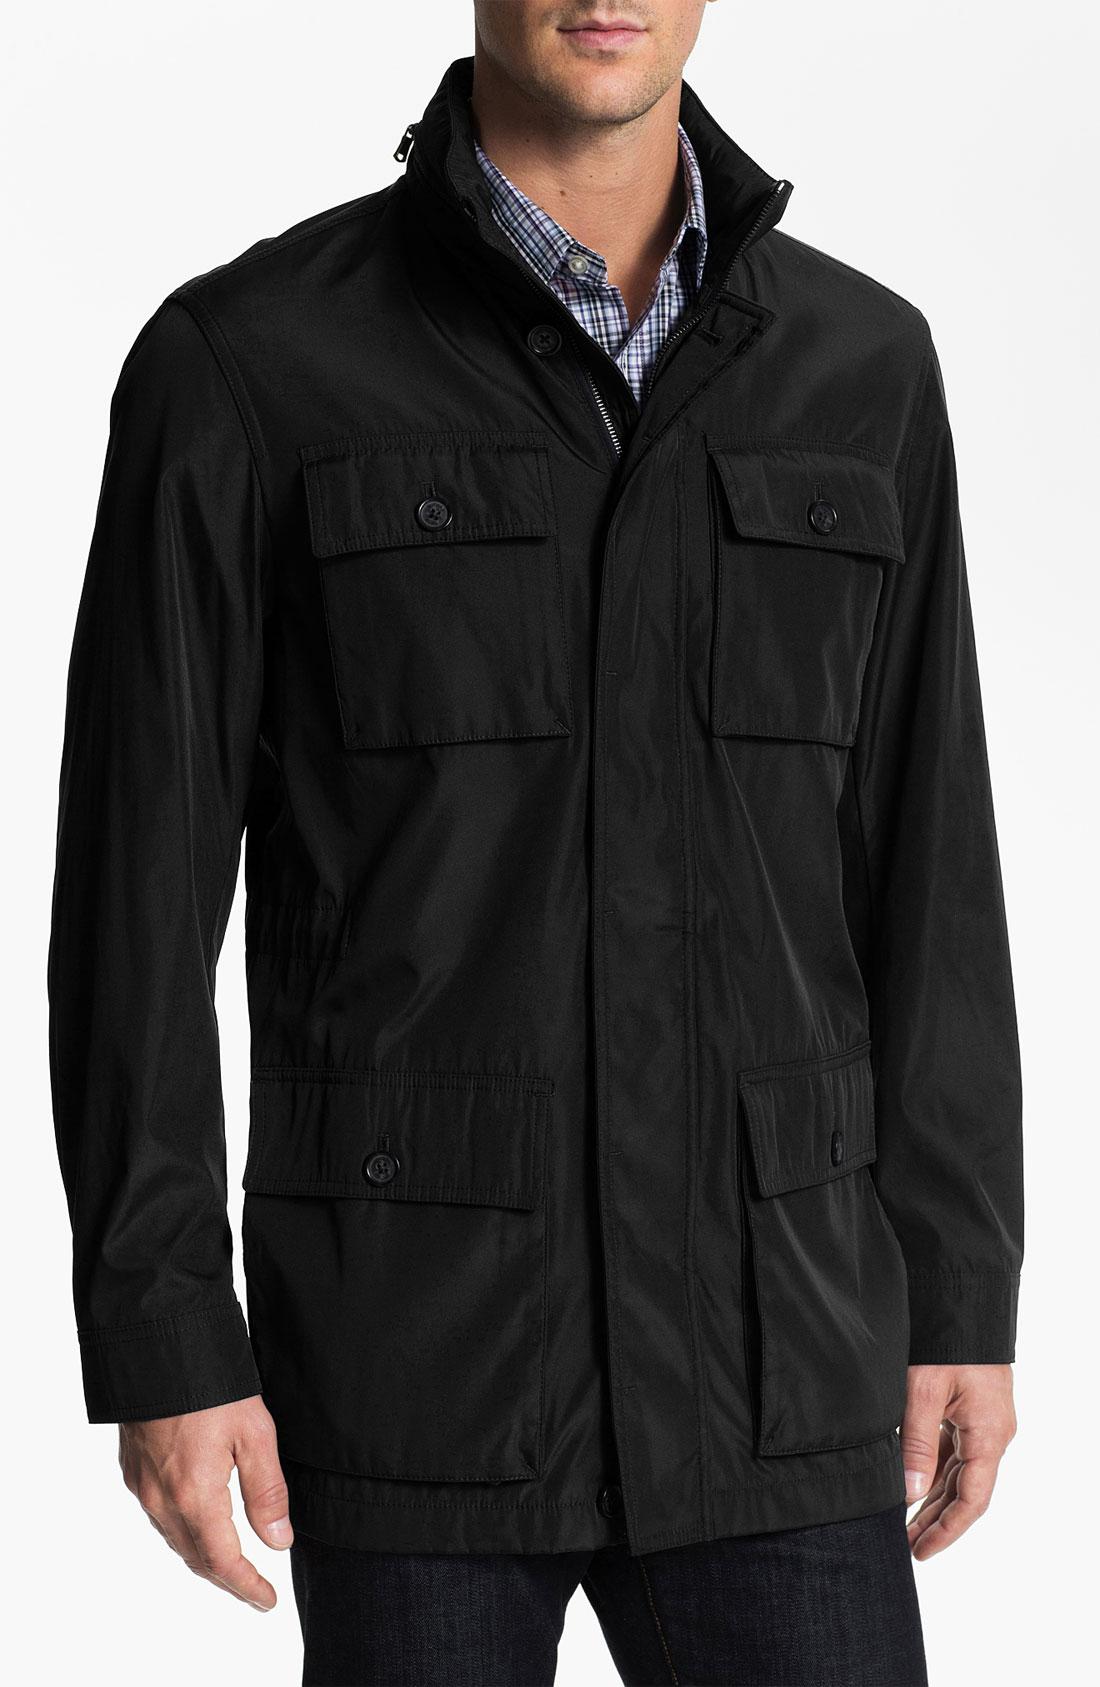 michael kors field jacket in black for men lyst. Black Bedroom Furniture Sets. Home Design Ideas